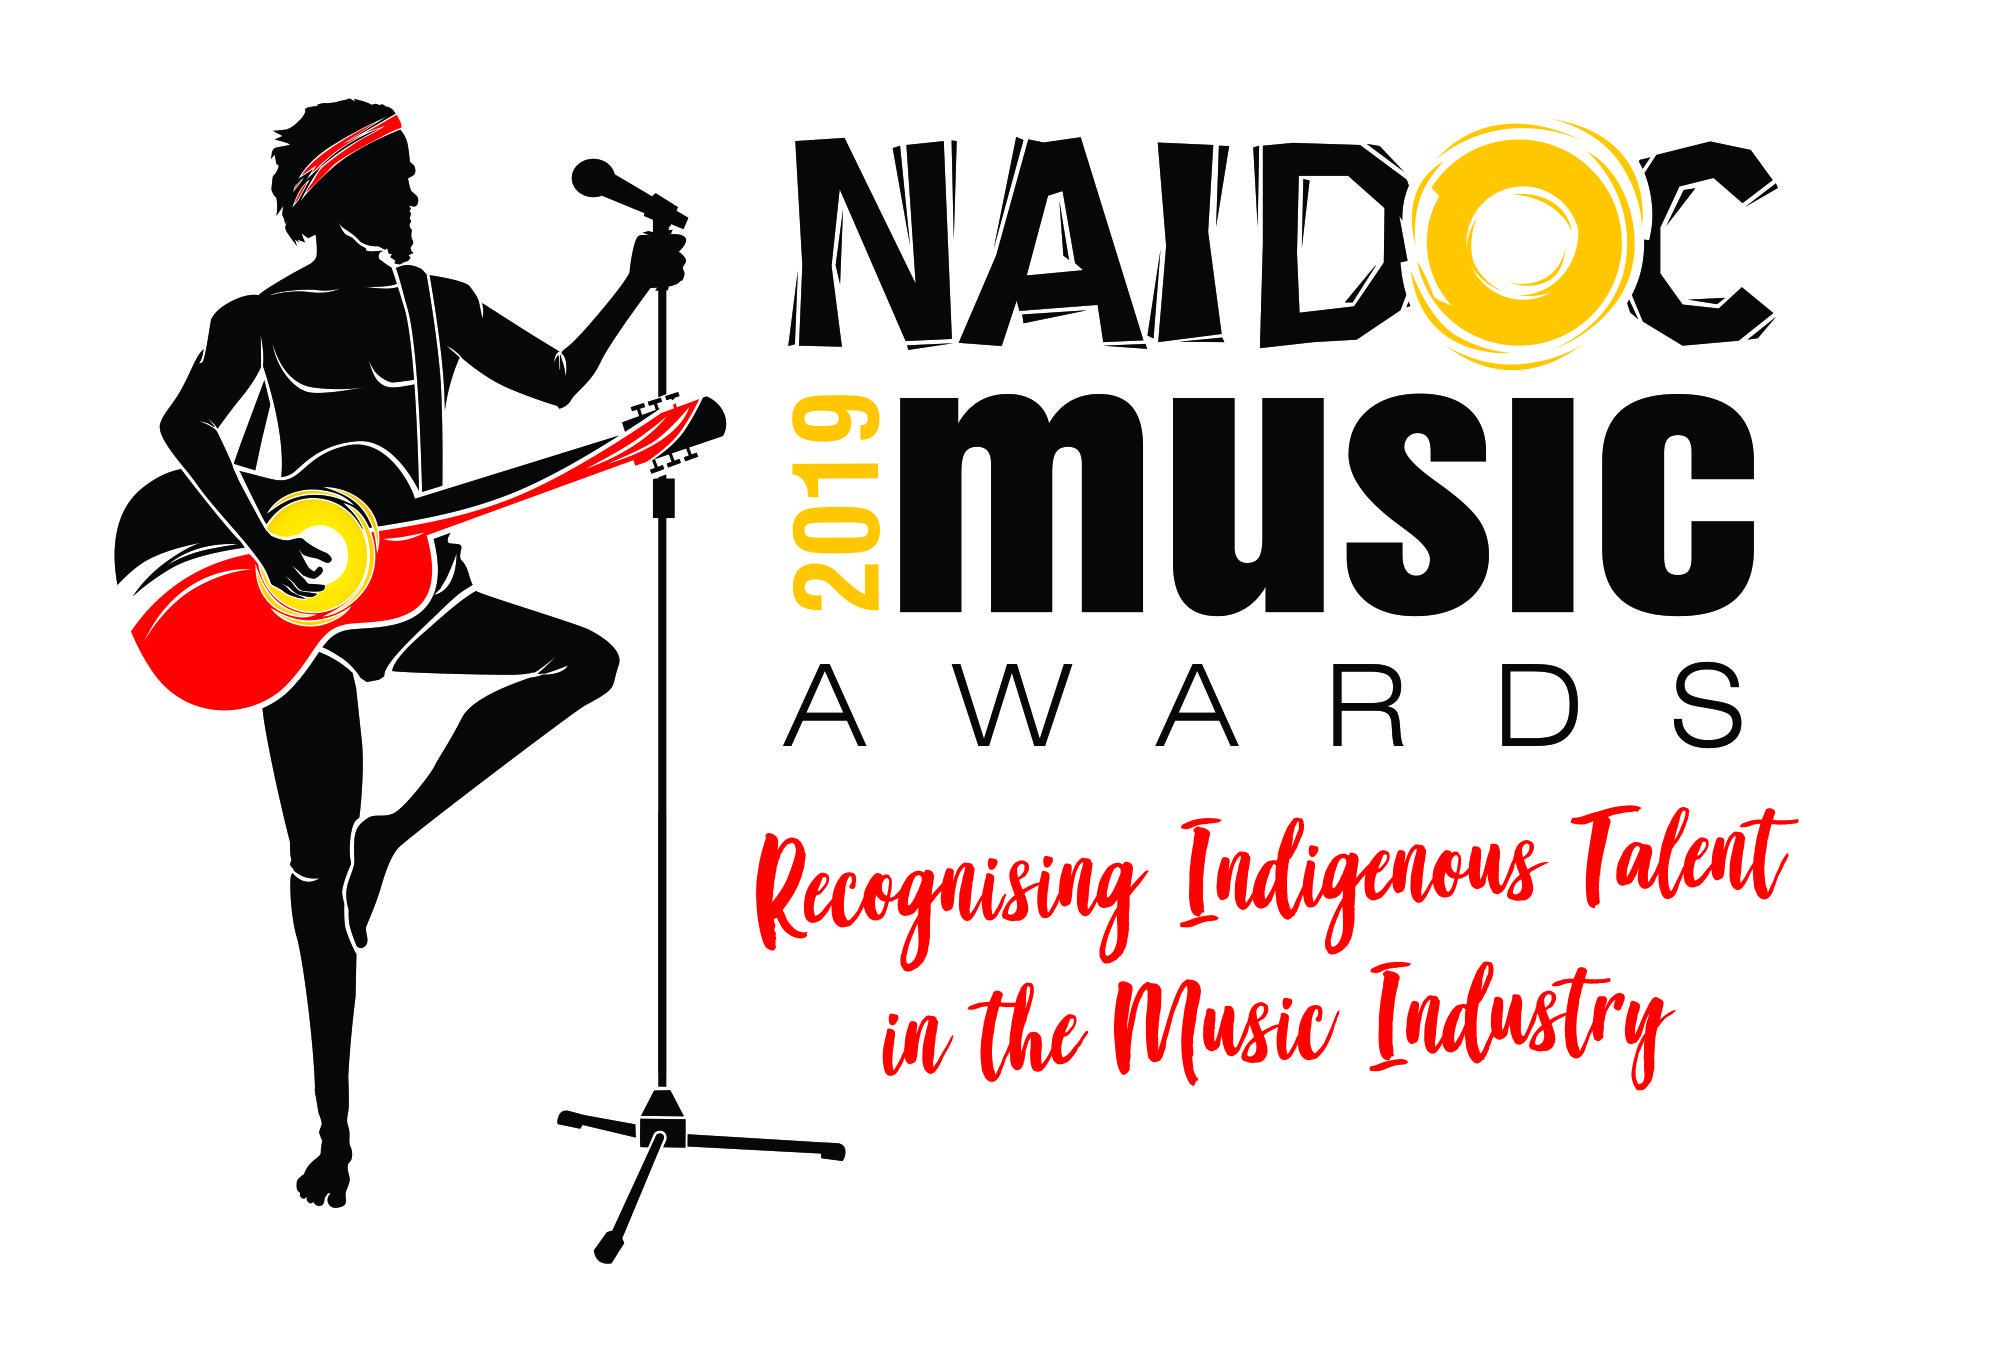 2019 NAIDOC Music Awards